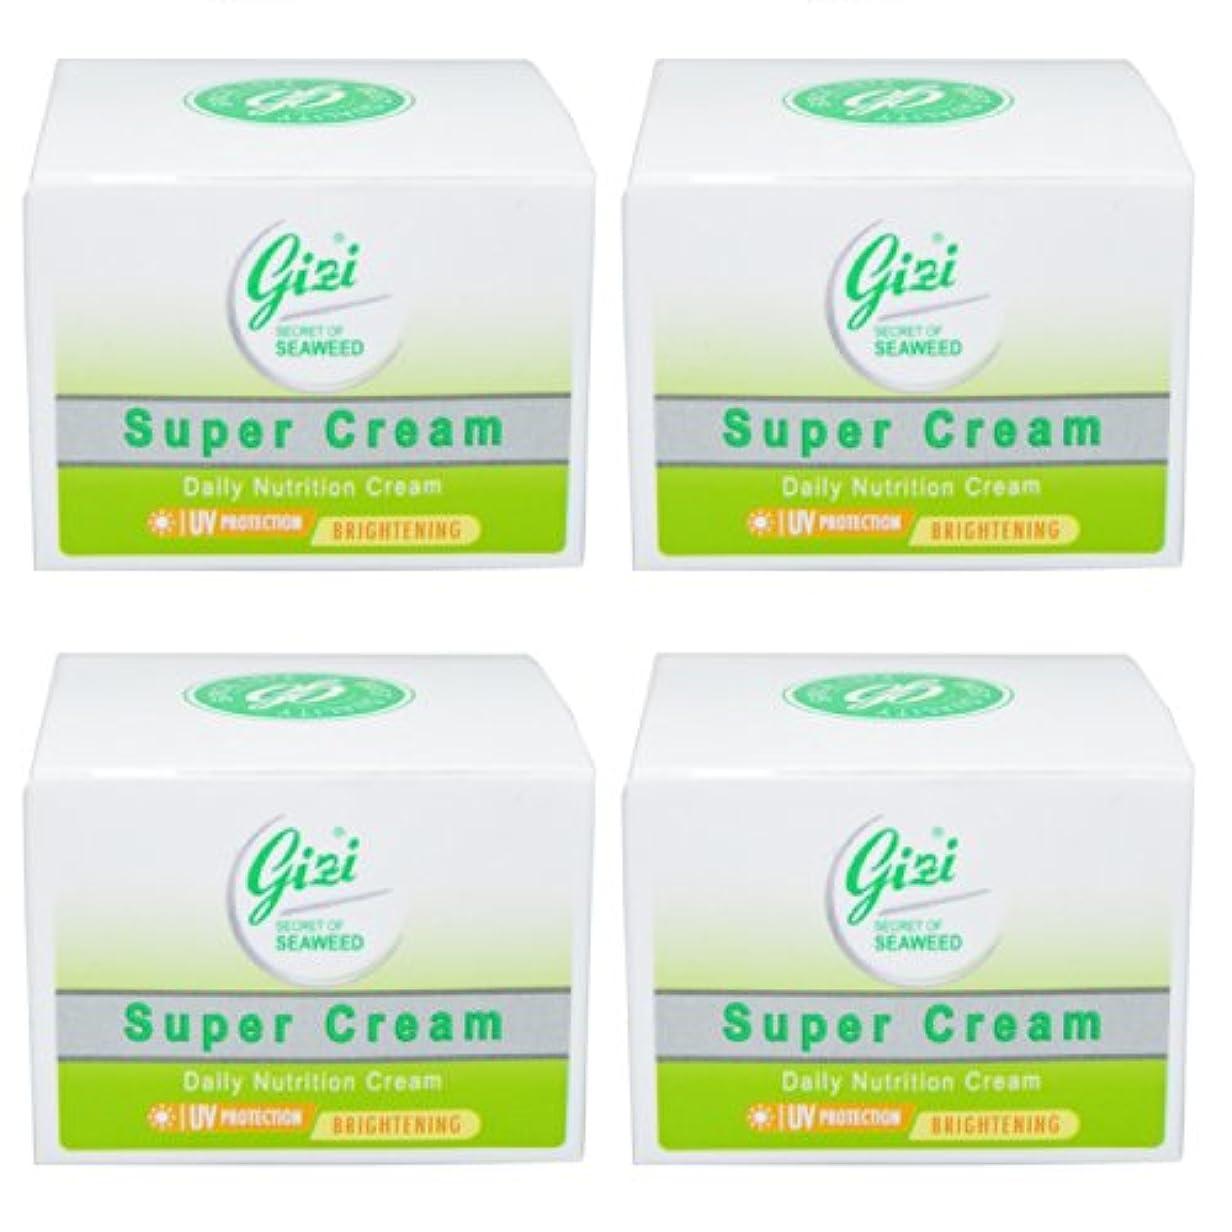 パンチ衝突アナニバーGIZI Super Cream(ギジ スーパークリーム)フェイスクリーム9g 4個セット[並行輸入品][海外直送品]